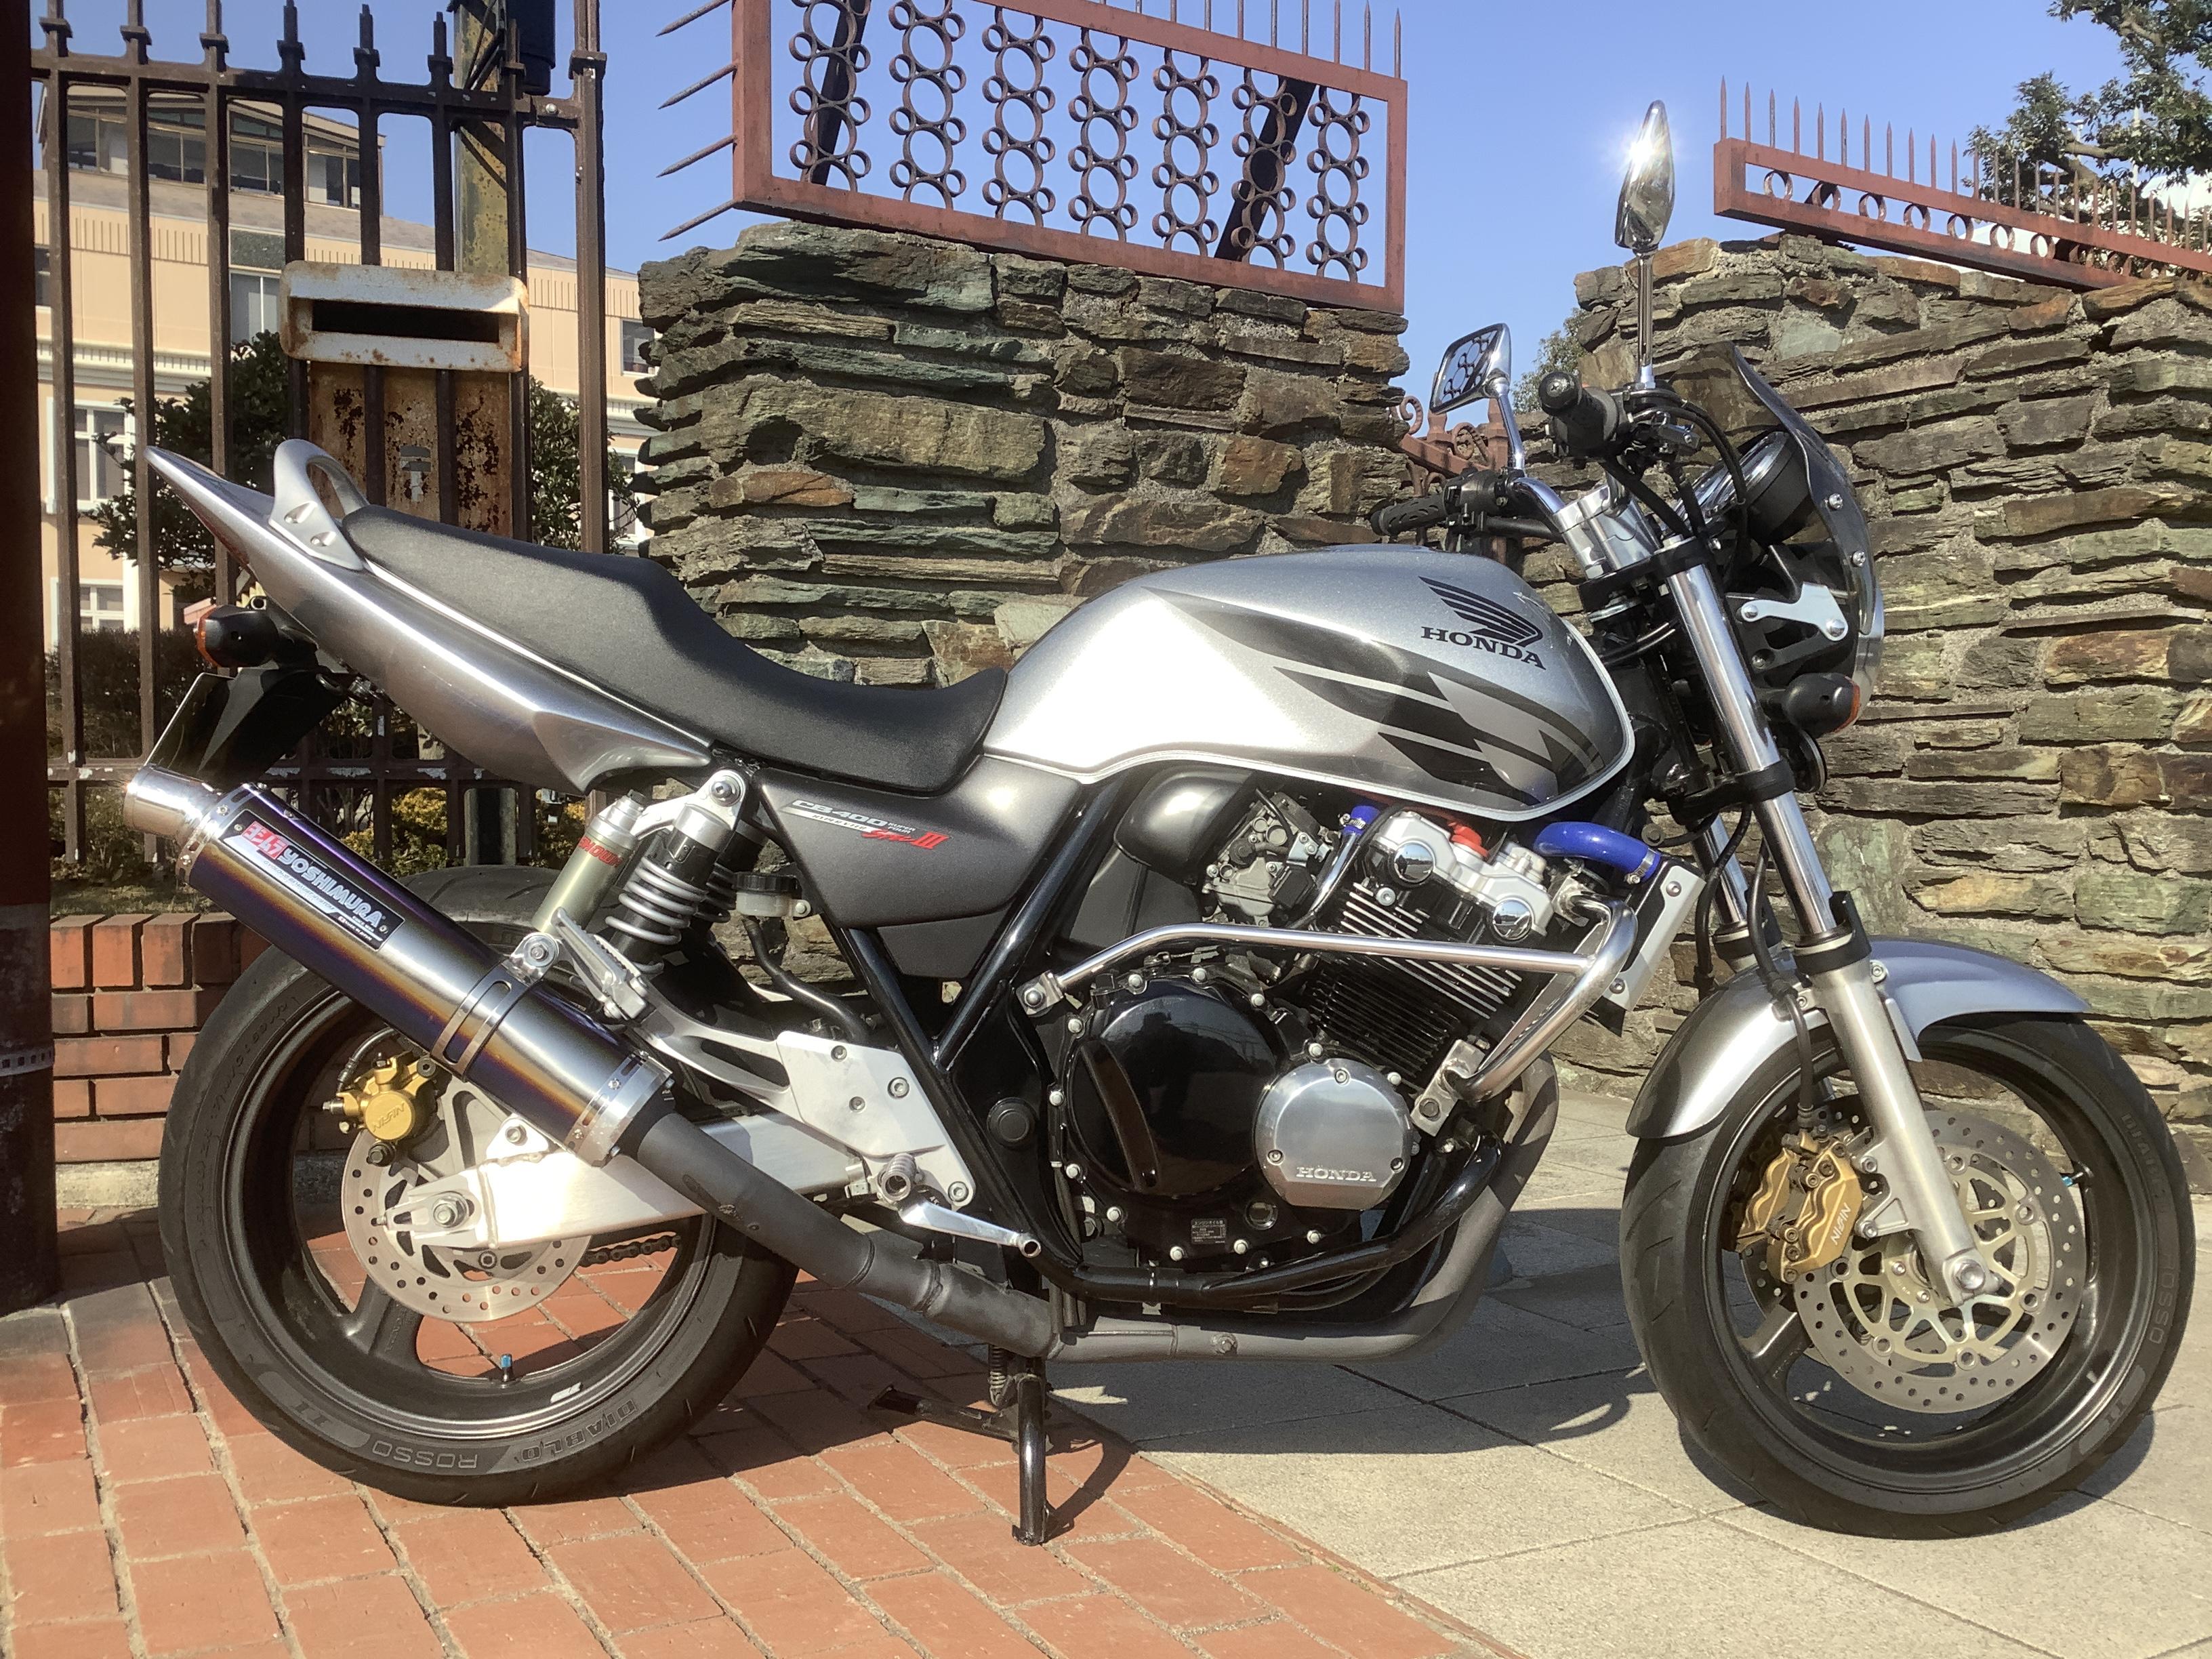 CB400Vtec-3(HN-00)銀 - 【公式】レンタルバイクのベストBike® 藤沢駅前